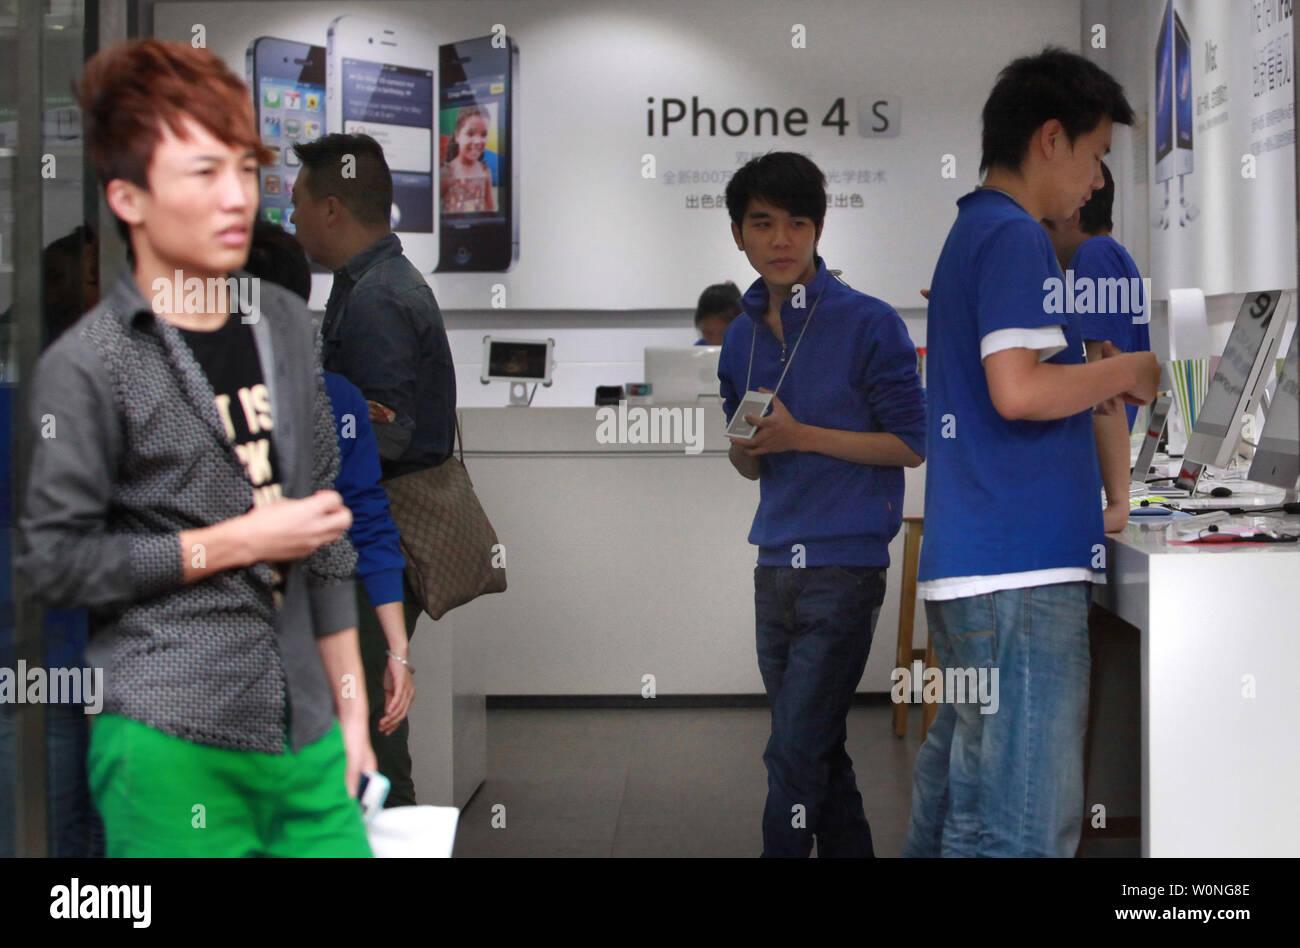 """Los empleados chinos vestidos como oficiales de Apple en una tienda de informática personal exaltando a sí mismo como un """"oficial"""" de Apple store ayuda a los clientes a comprar productos Apple en Kunming, la capital de la provincia de Yunnan, el 21 de septiembre de 2012. Kunming ha tenido varios 'Apple' almacena cese y desista de hacer las flagrantes infracciones de copyright y marcas comerciales. UPI/Stephen afeitadora Foto de stock"""